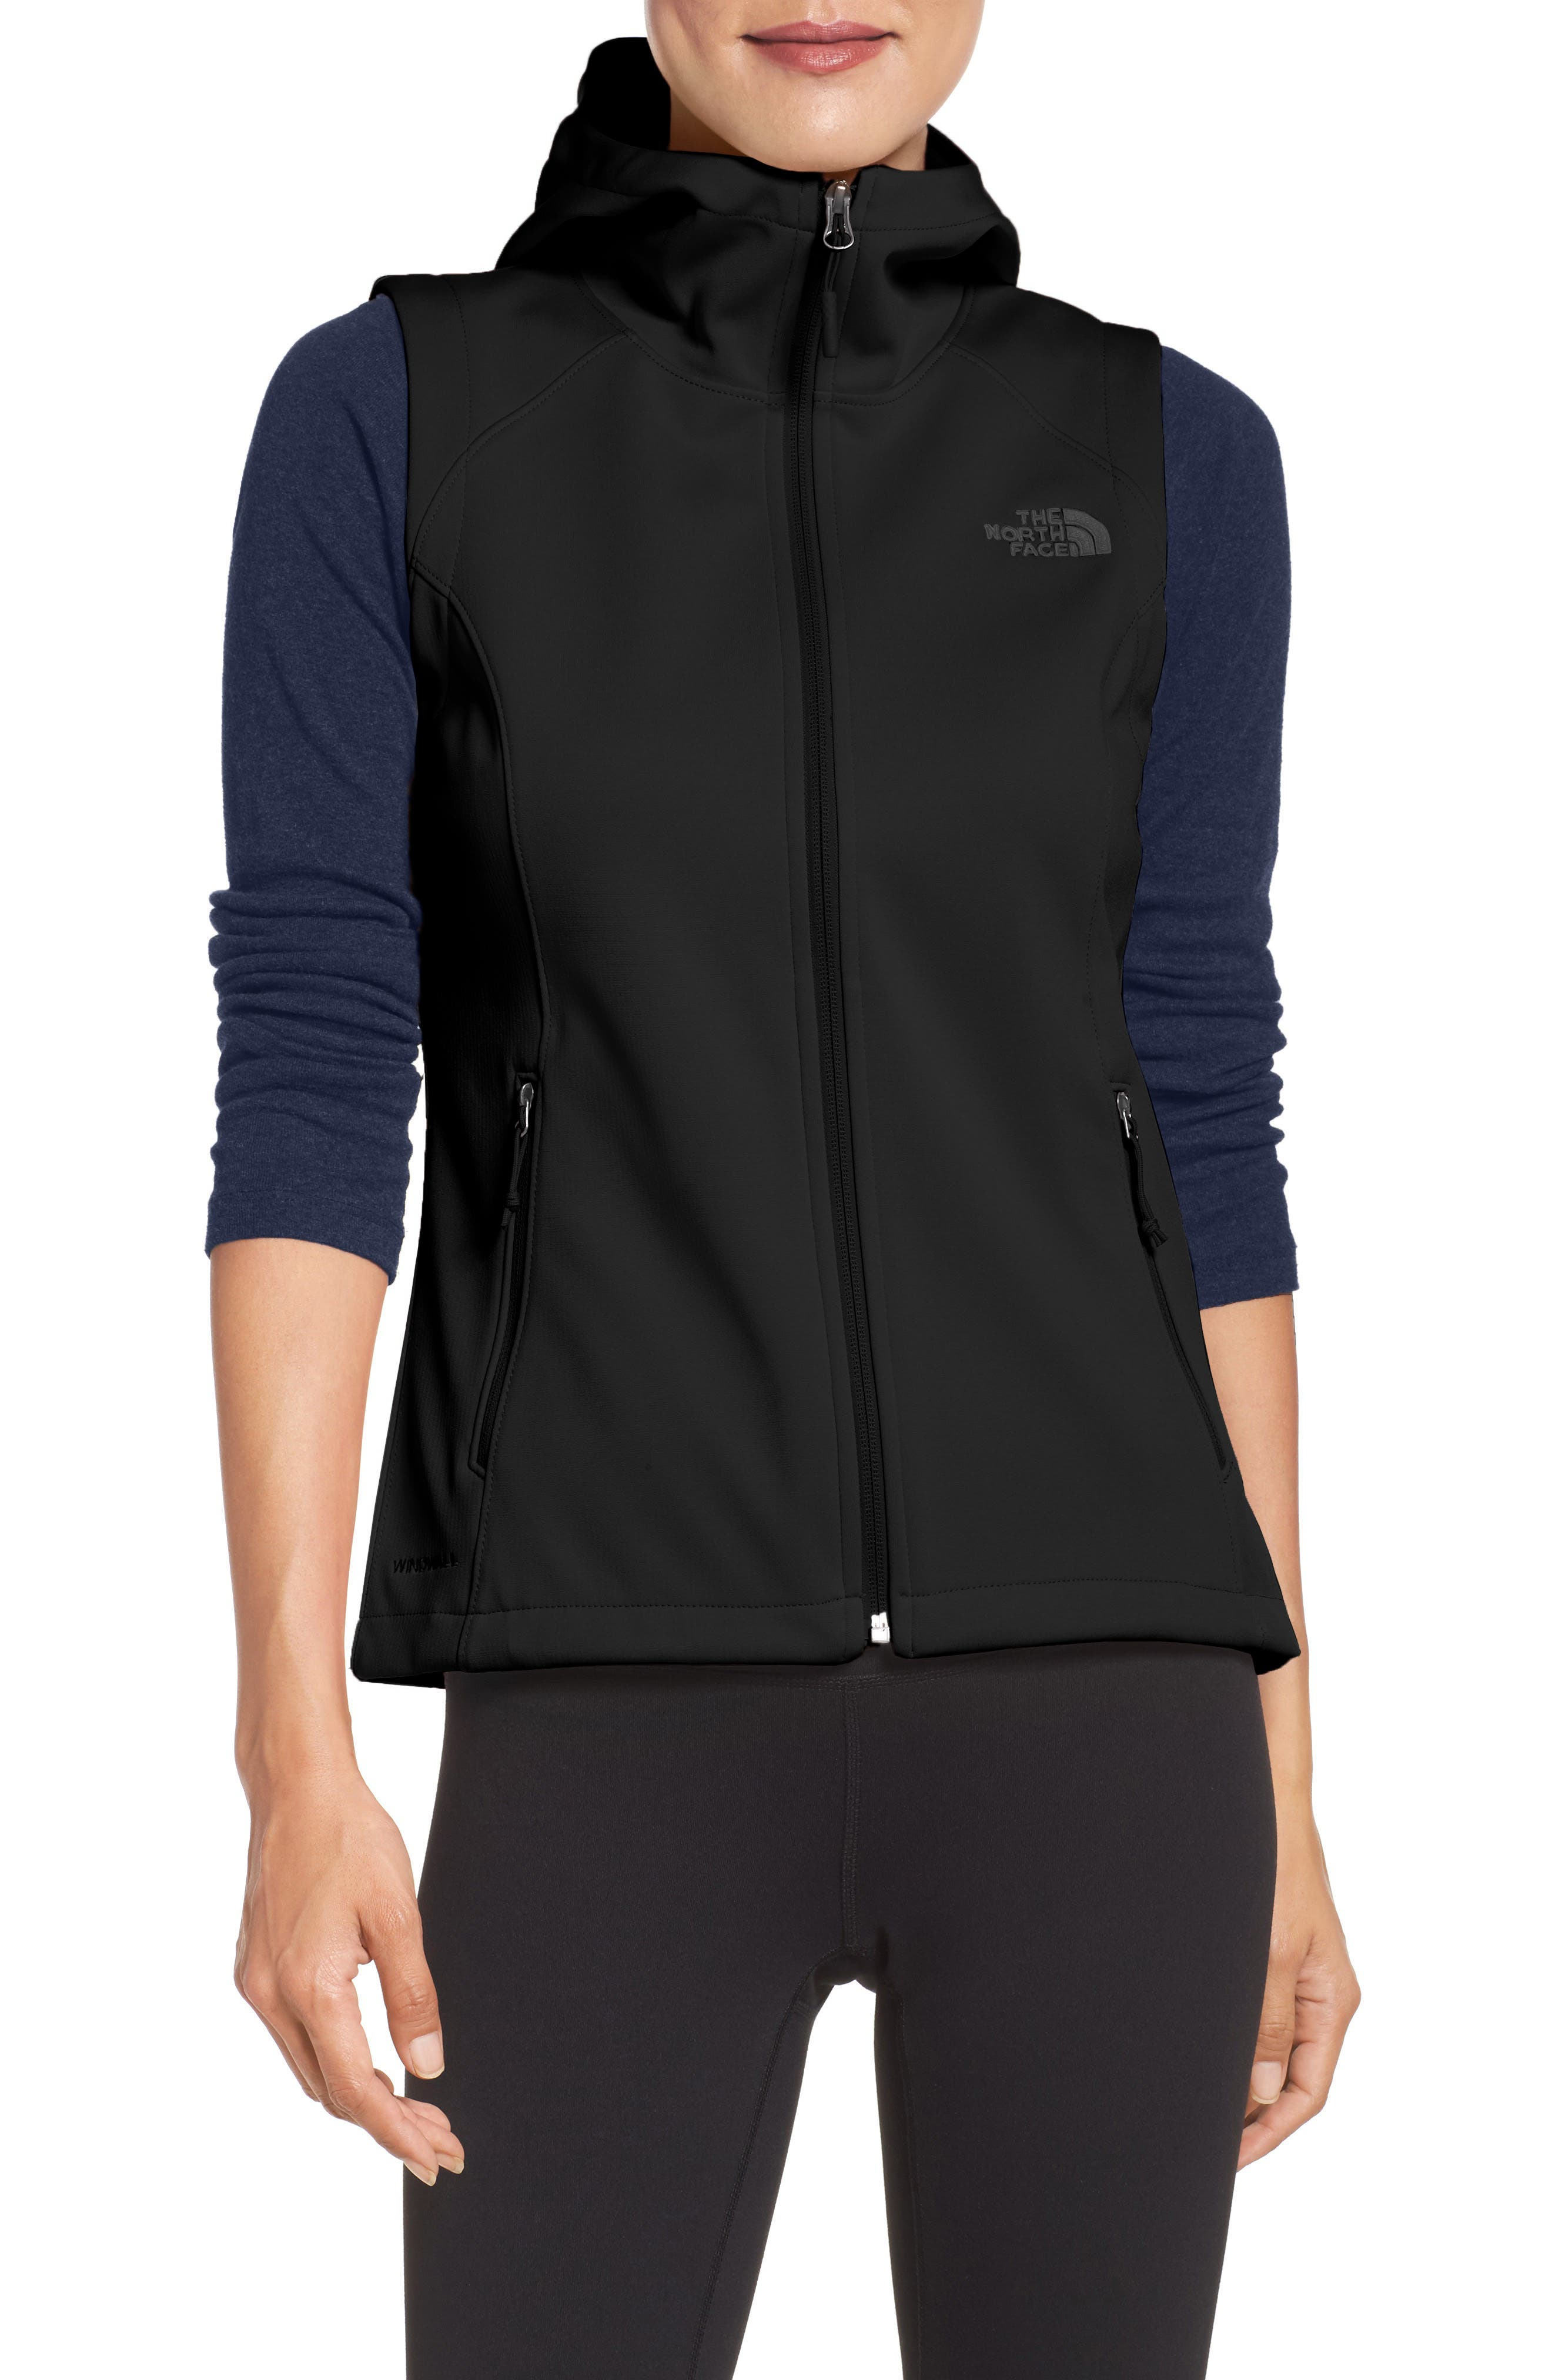 Canyonwall Hardface Fleece Vest,                             Main thumbnail 1, color,                             Tnf Black